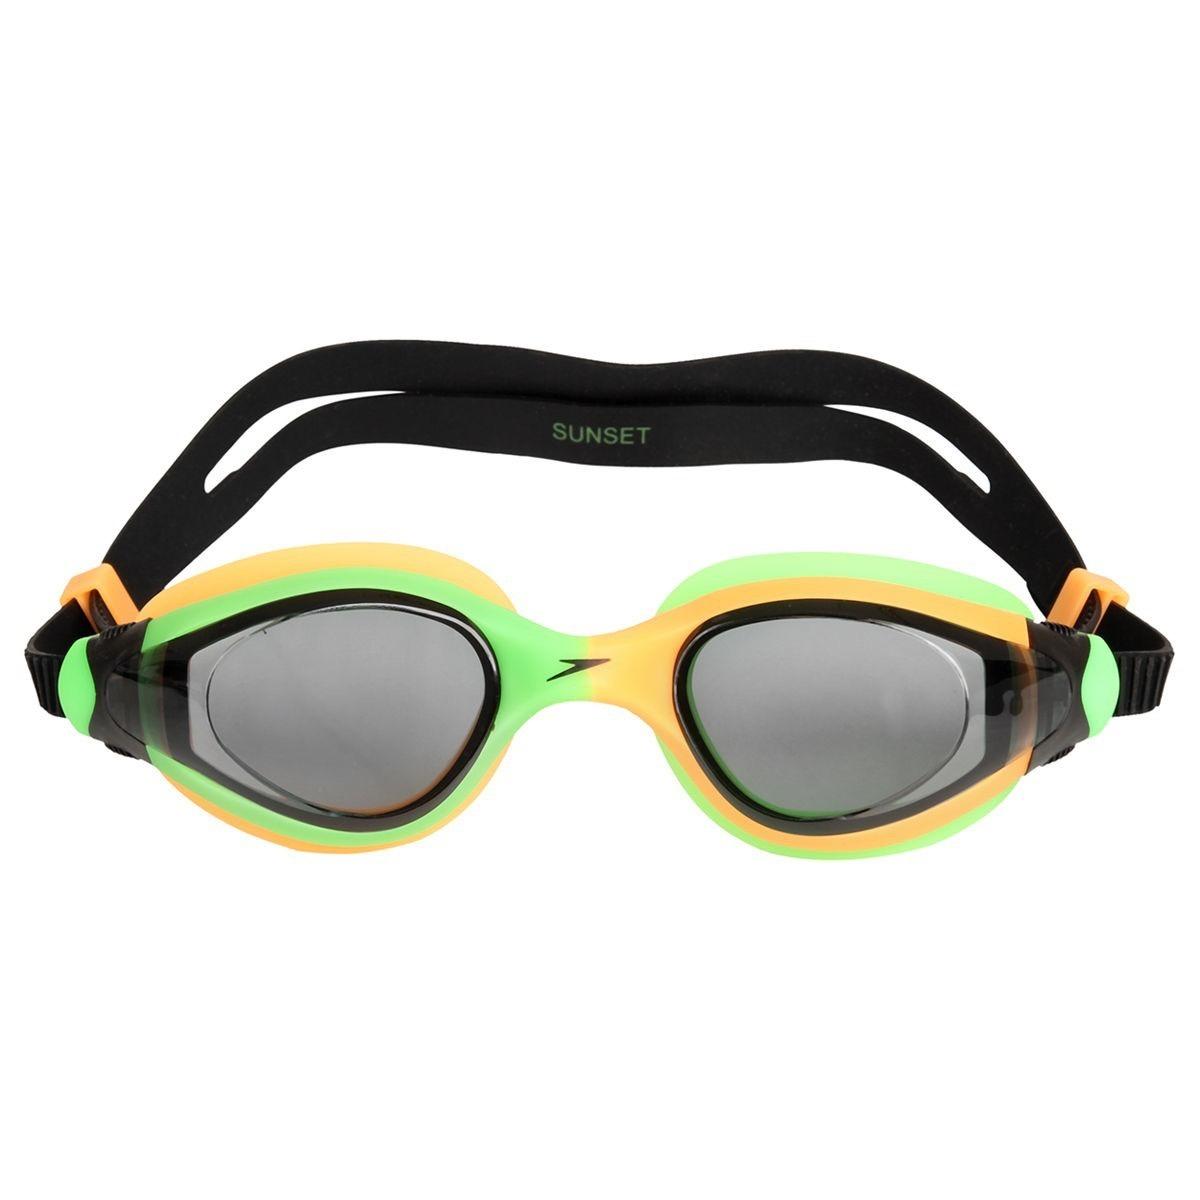 8635c73bc óculos de natação competição frete grátis speedo unisex. Carregando zoom.